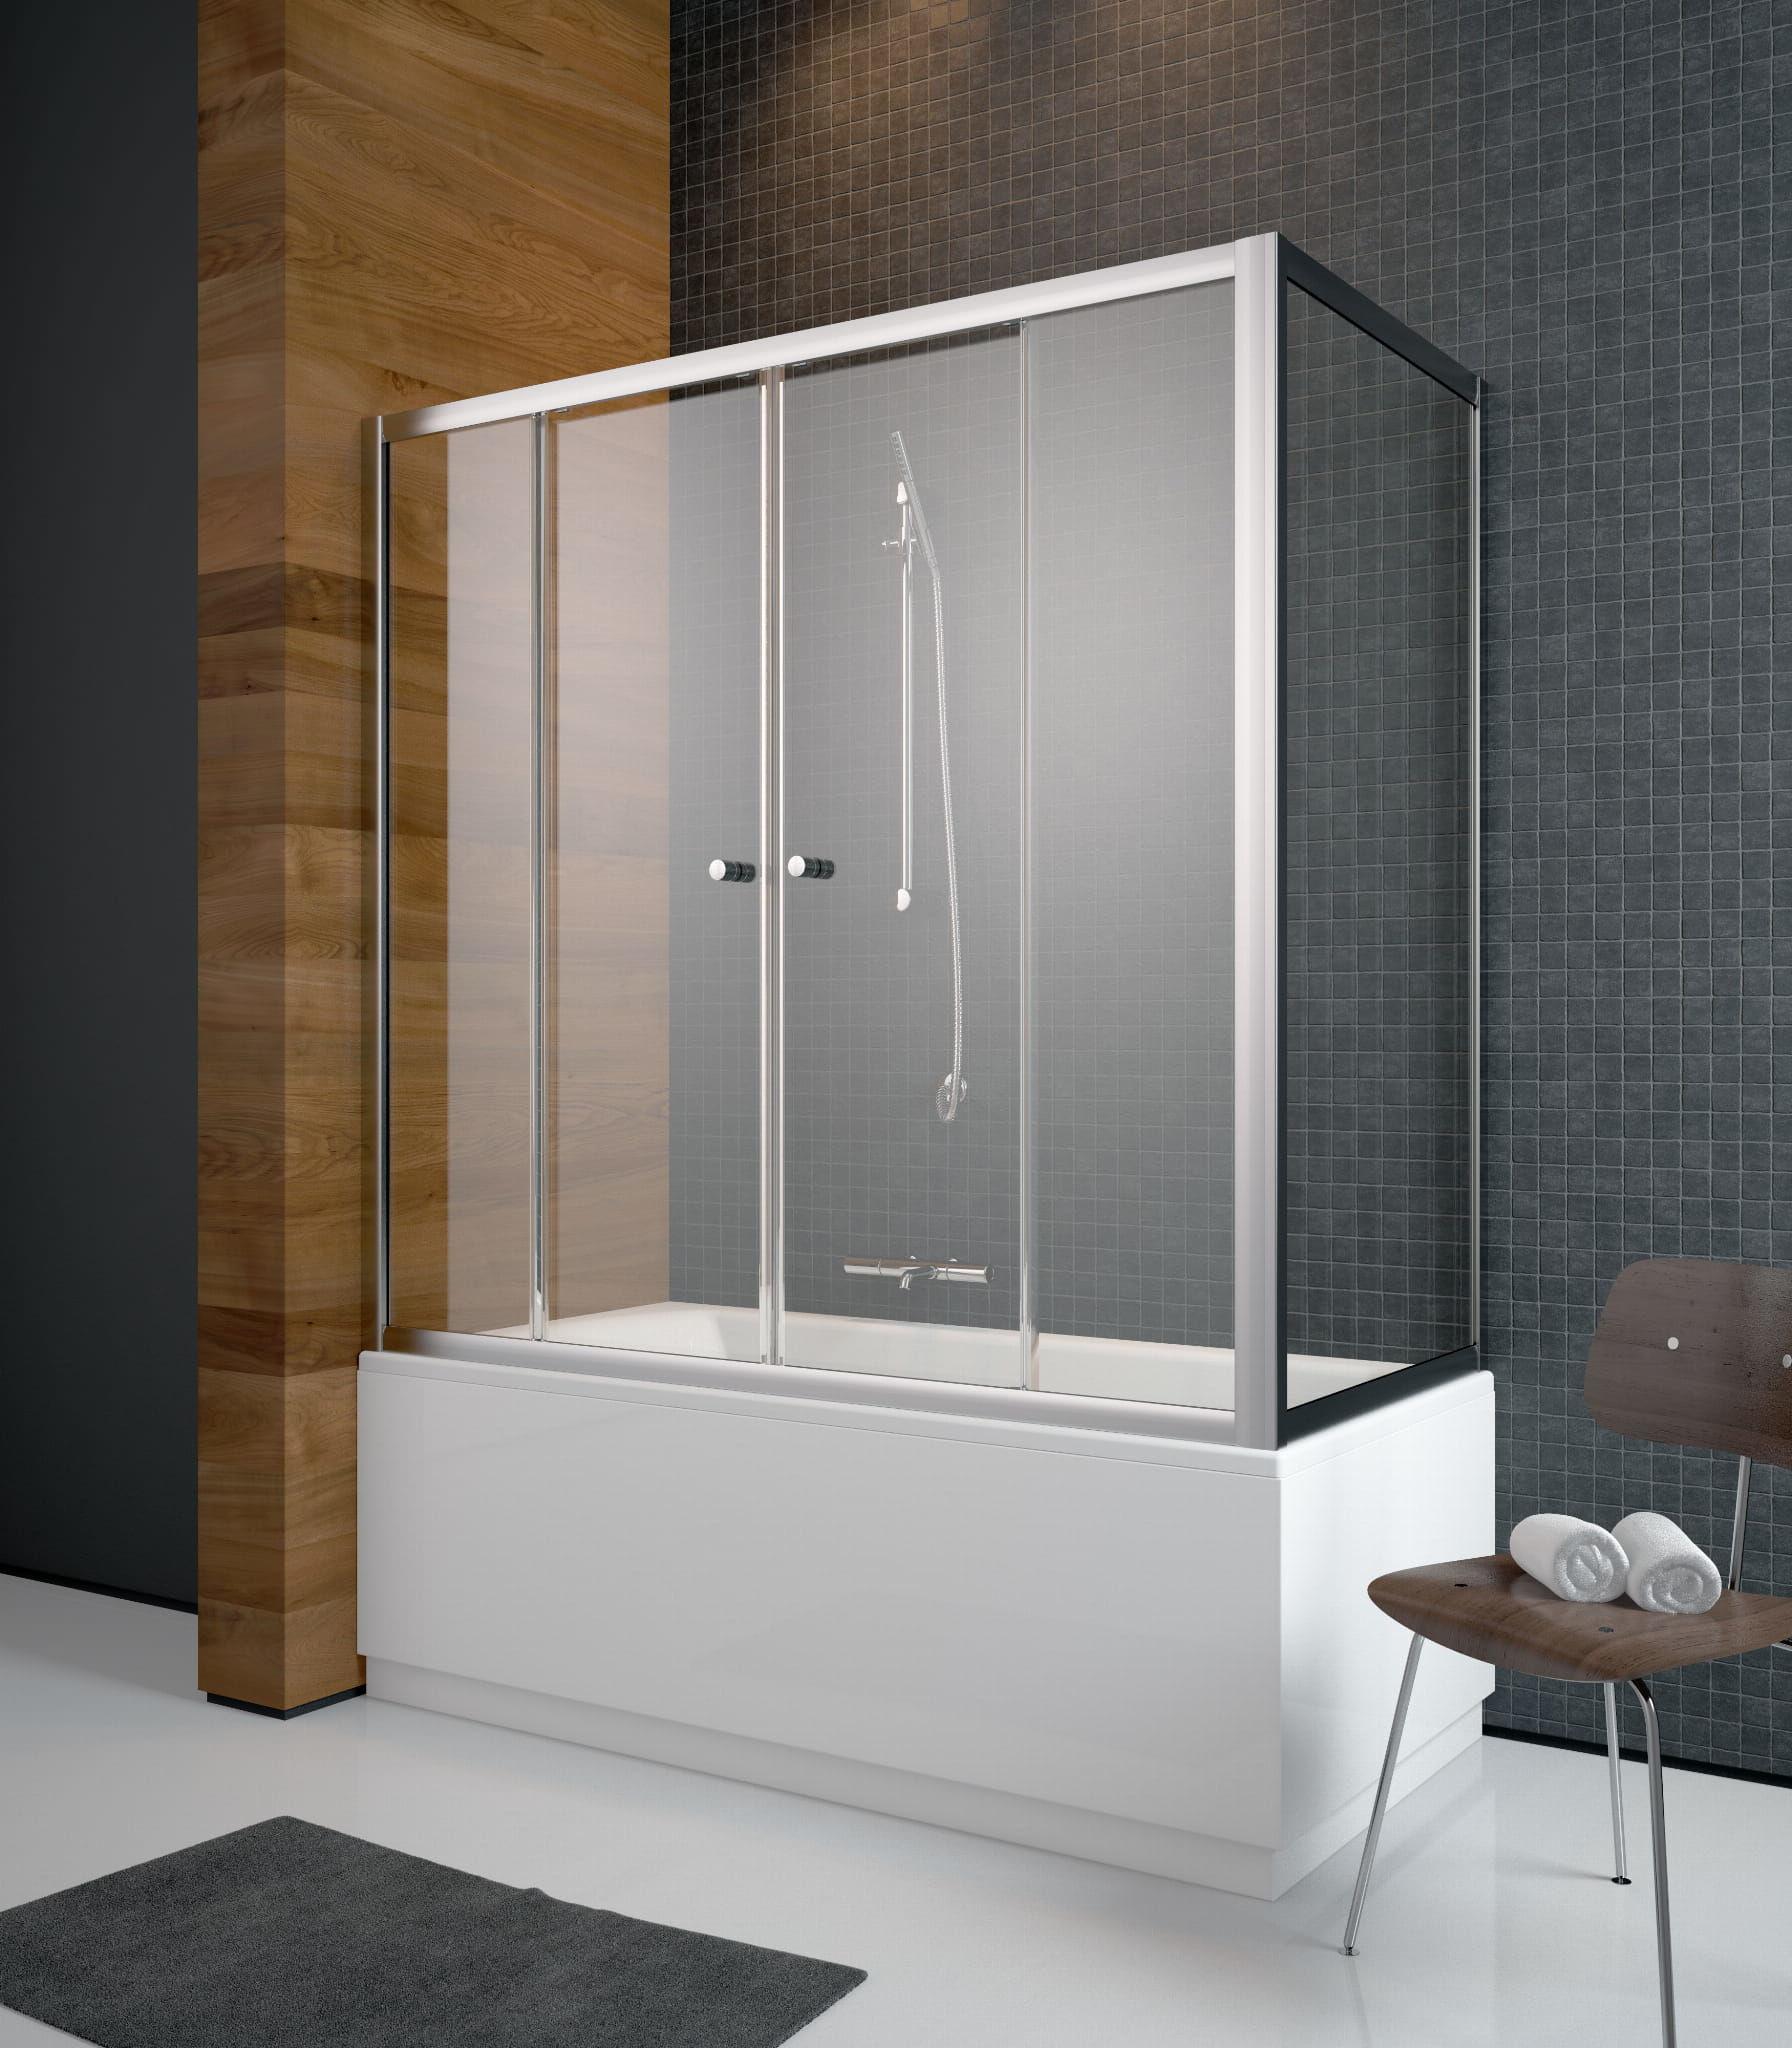 Radaway zabudowa nawannowa Vesta DWD+S 160 x 65, szkło Fabric, wys. 150 cm 203160-06/204065-06